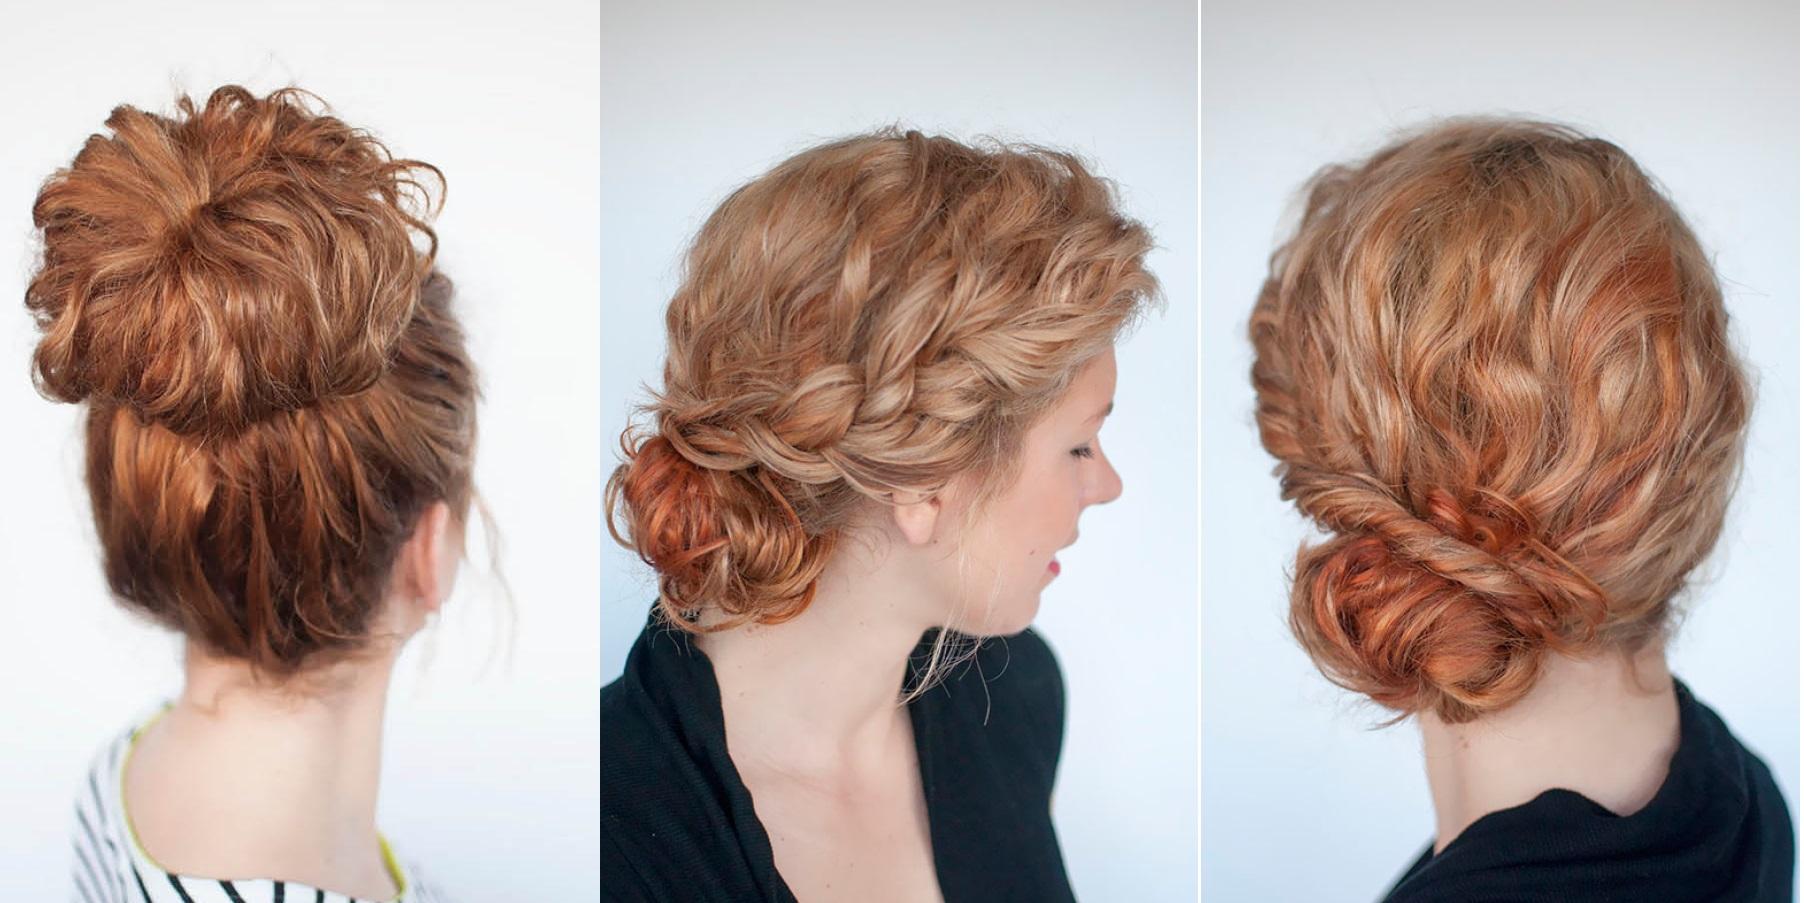 прически на волнистые волосы средней длины фото своими руками